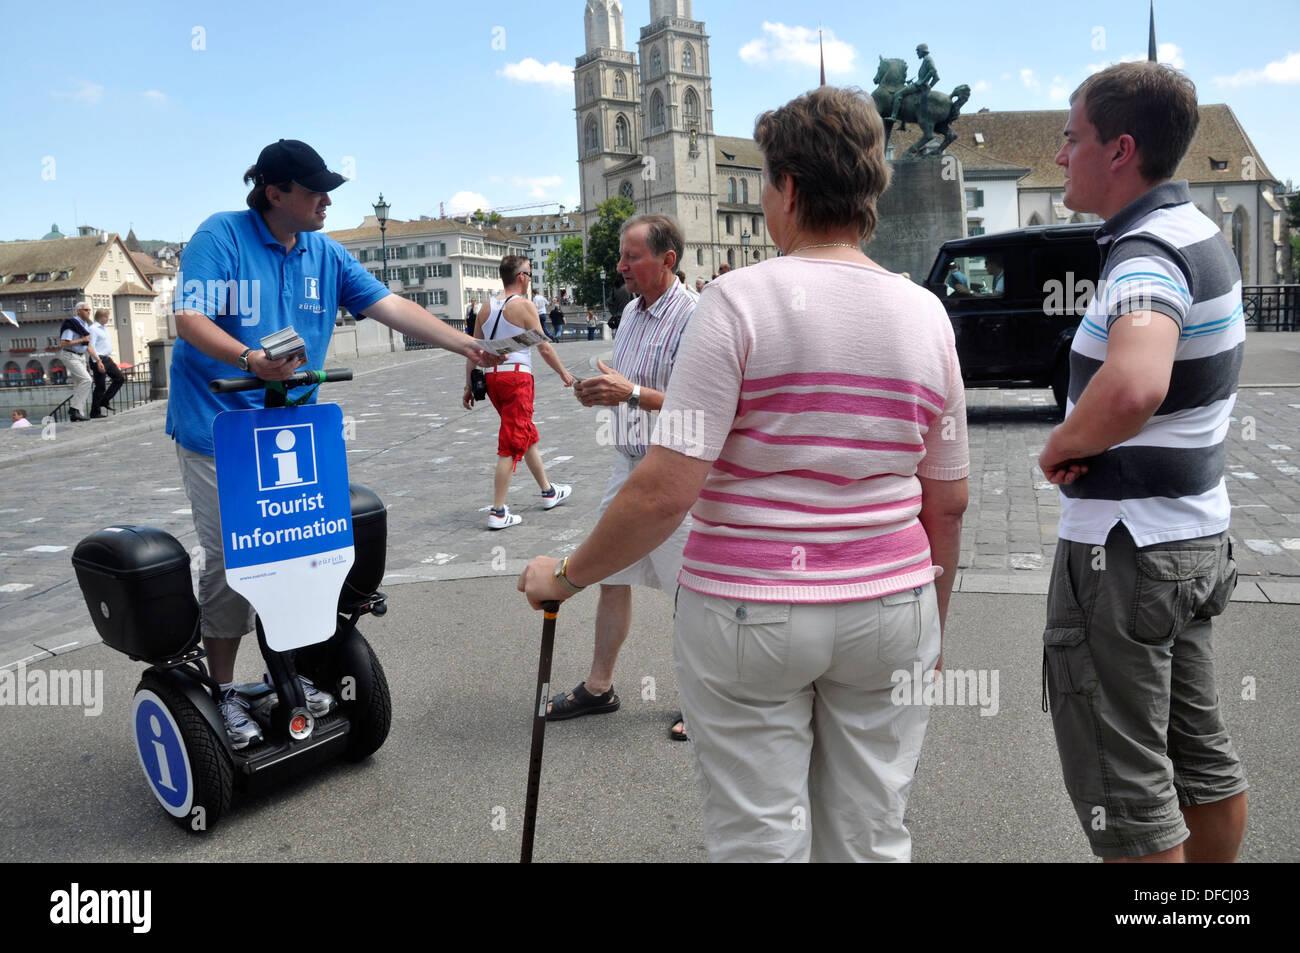 Zurich (Suisse): un employé de l'office du tourisme qui donnent des informations aux touristes dans le centre ville. Photo Stock